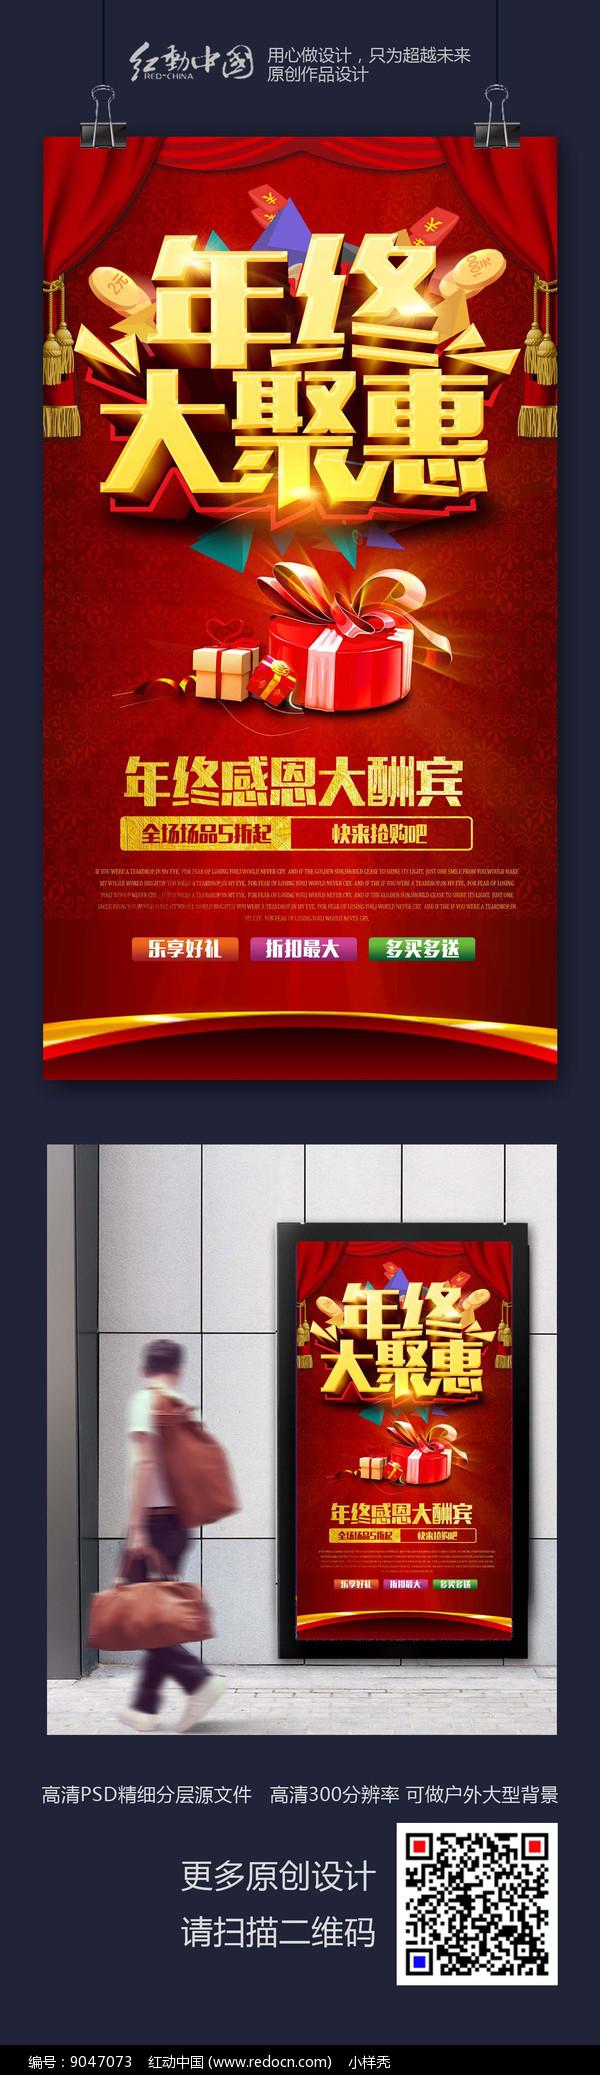 2018狗年年终大聚惠海报图片